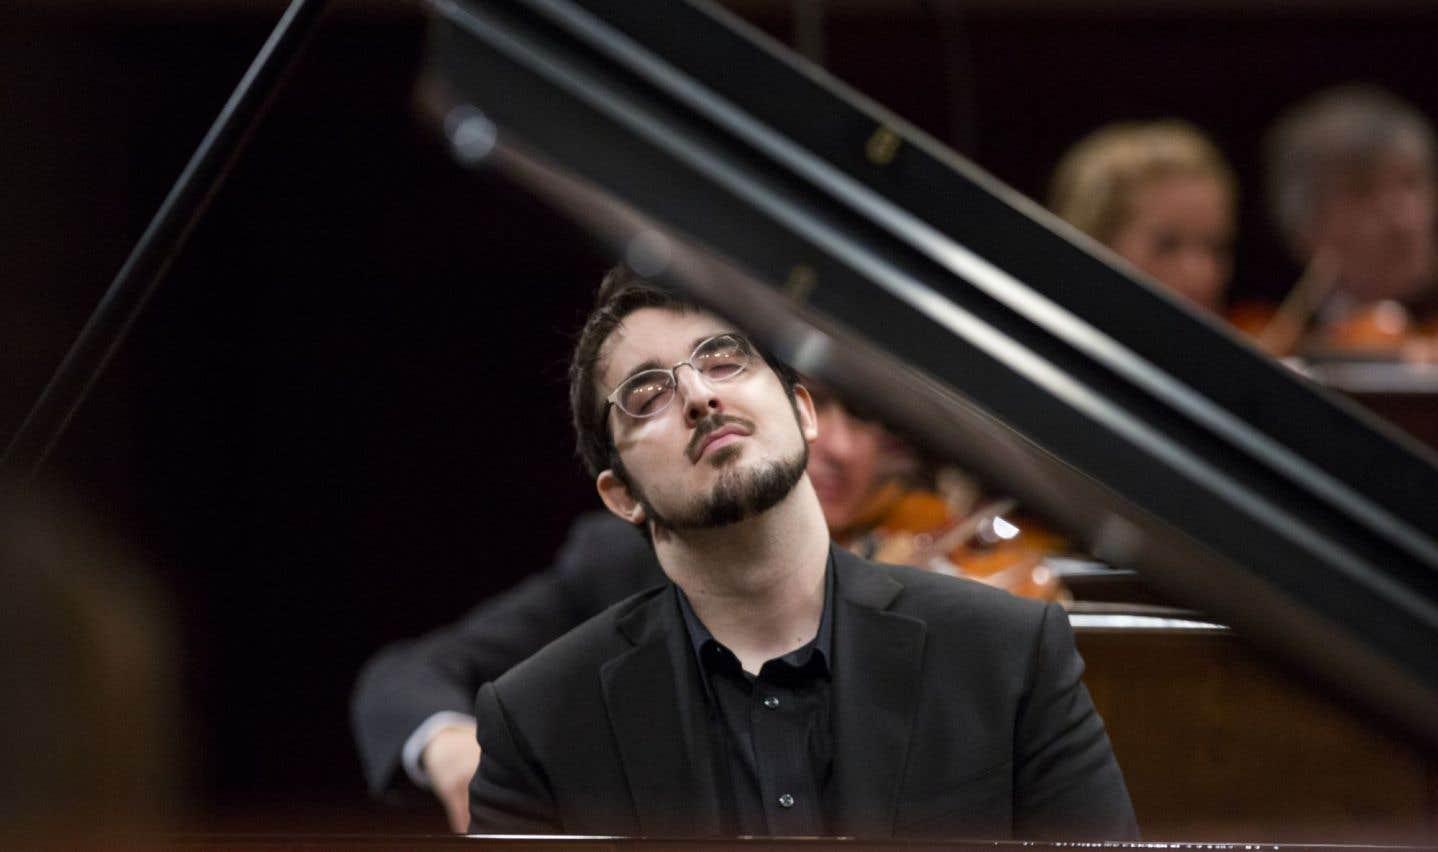 Charles Richard-Hamelin primé au Concours Chopin